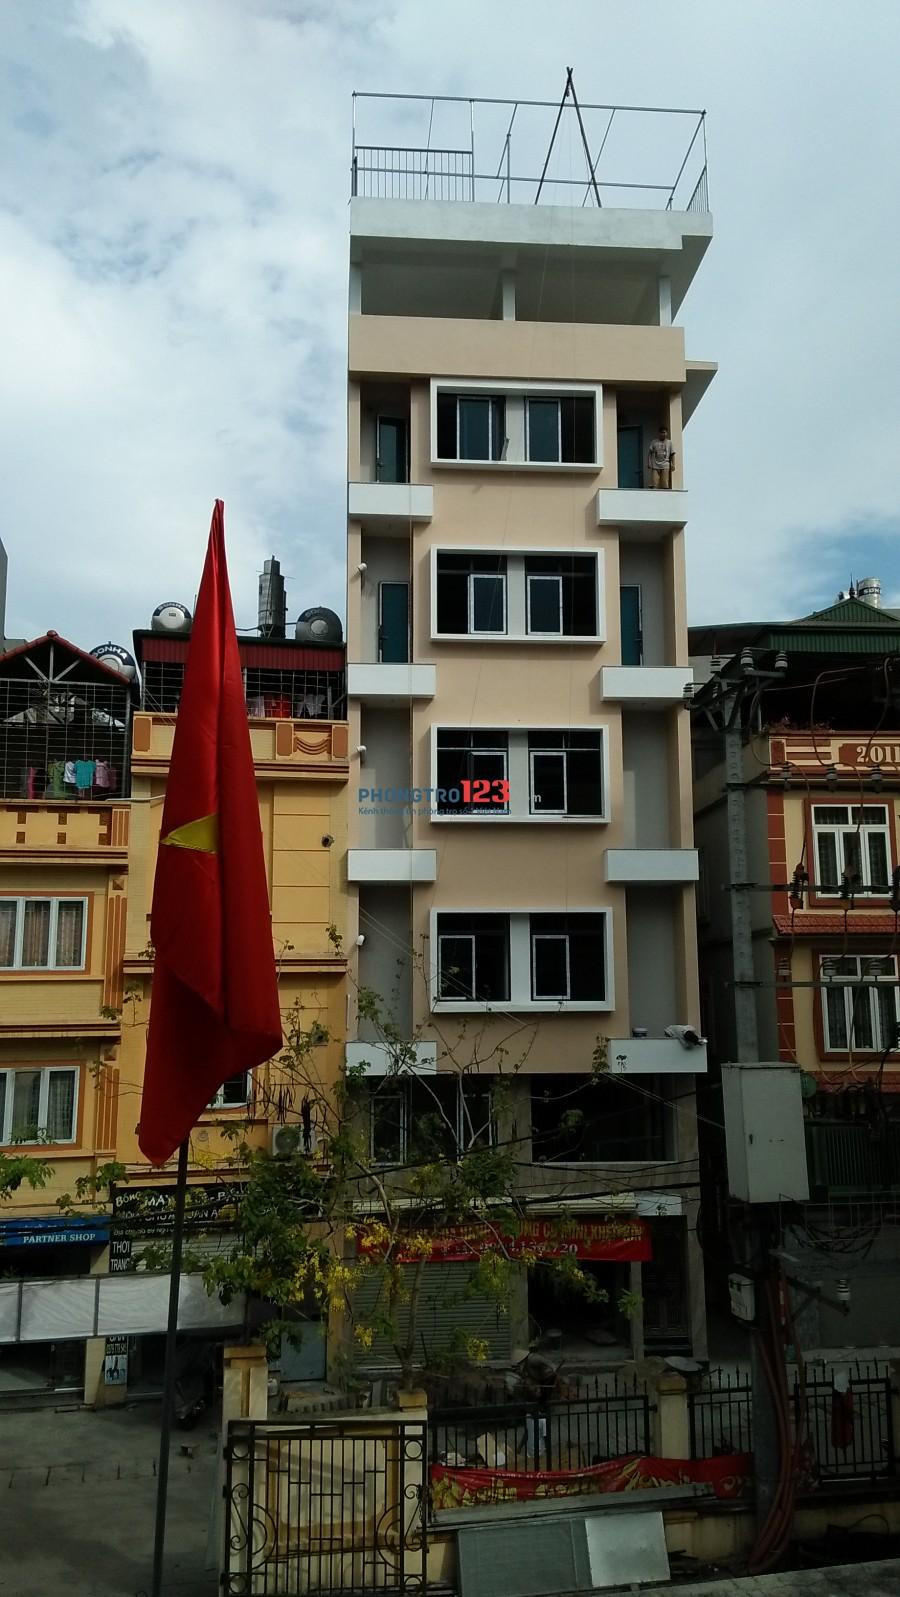 Cho thuê CCMN cao cấp mới xây giá rẻ tại Thanh Liệt, Kim Giang, Linh Đàm, Nguyễn Xiển